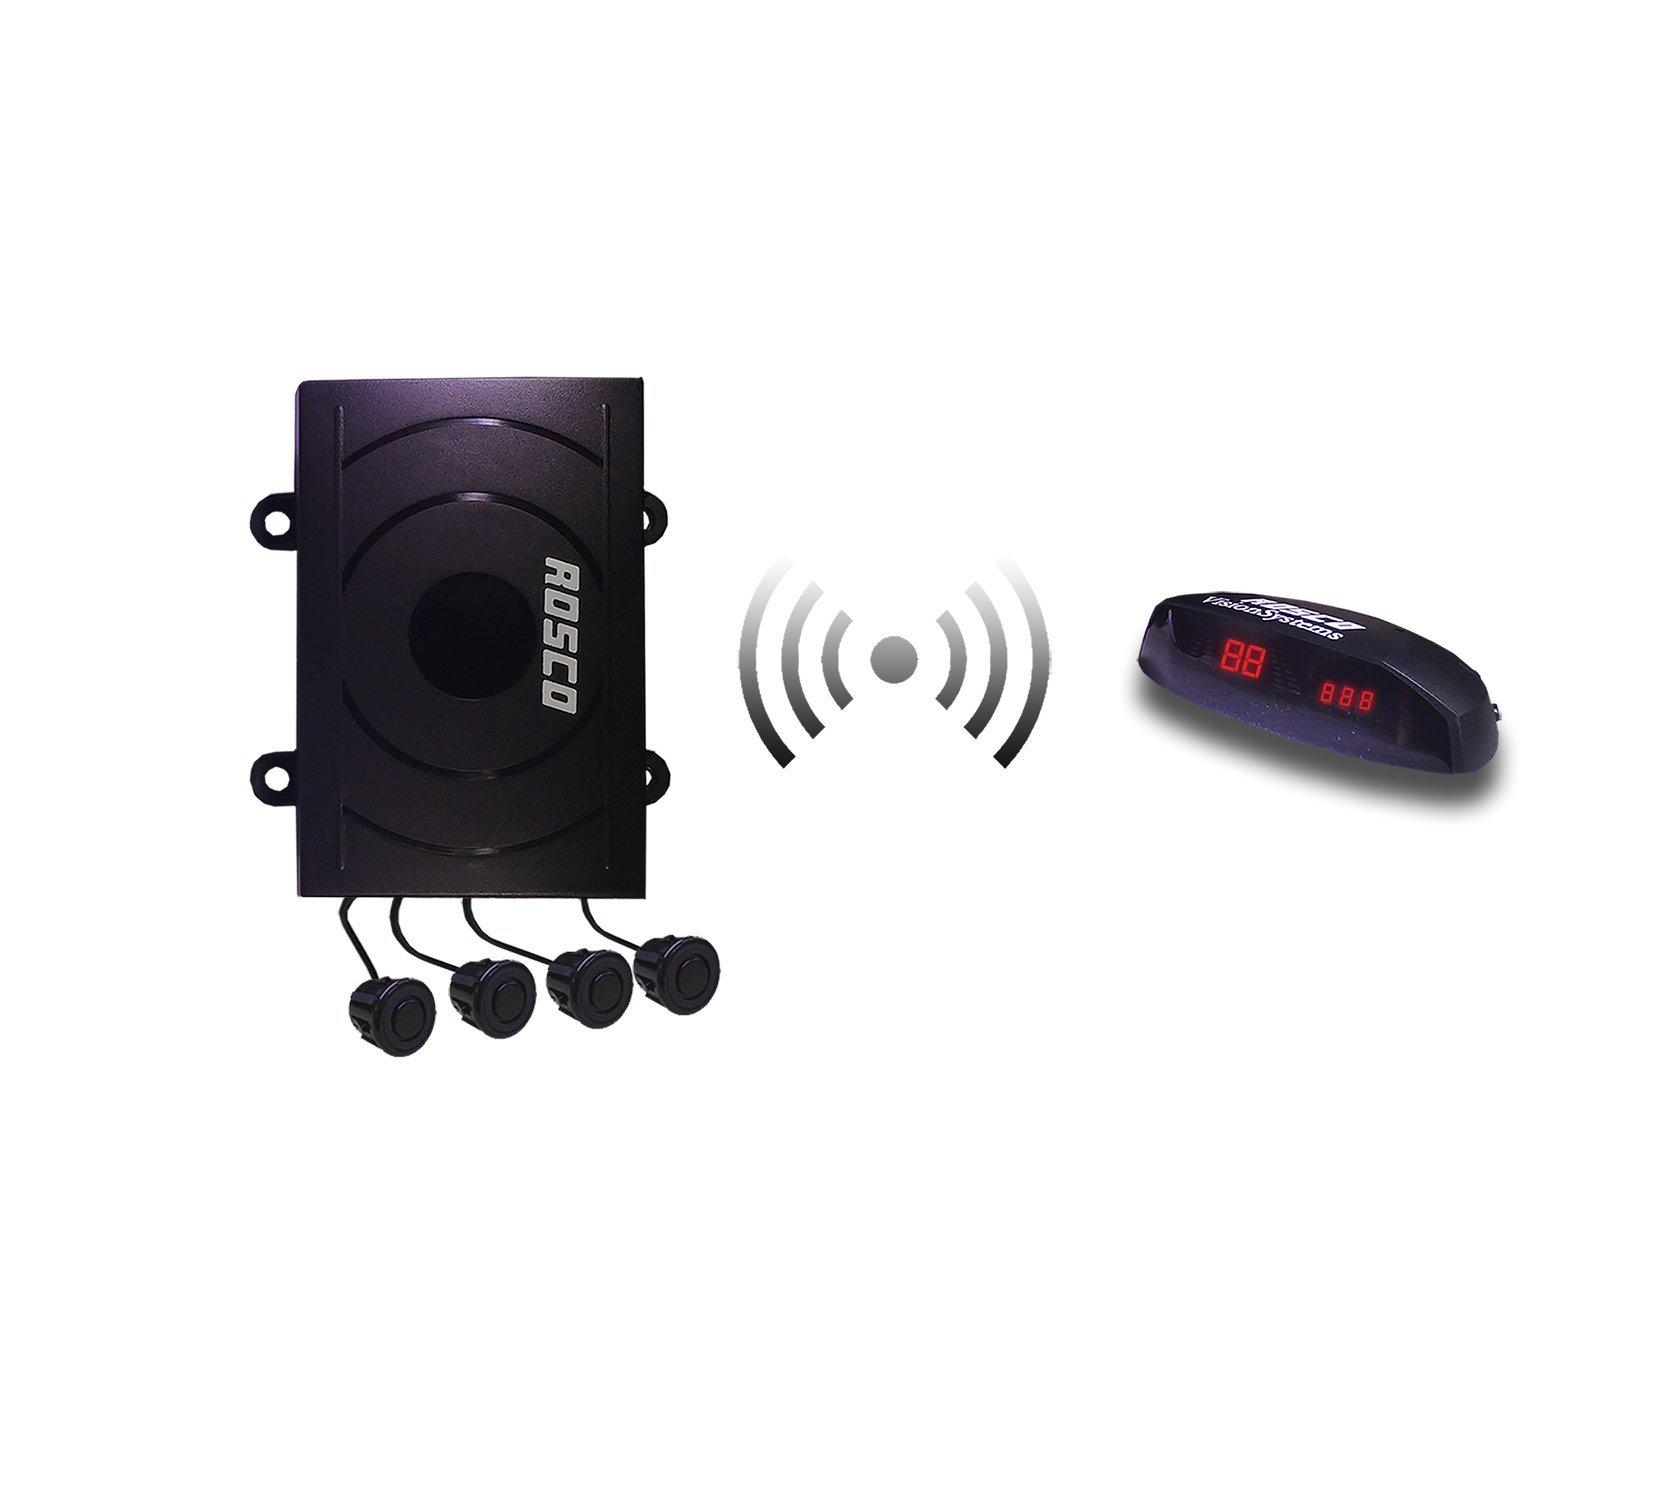 Automotive Four (4) Flush Mount Wireless Backup Sensor Kit for cars, suvs, 4x4s, mini-vans, pickups, and small trucks.